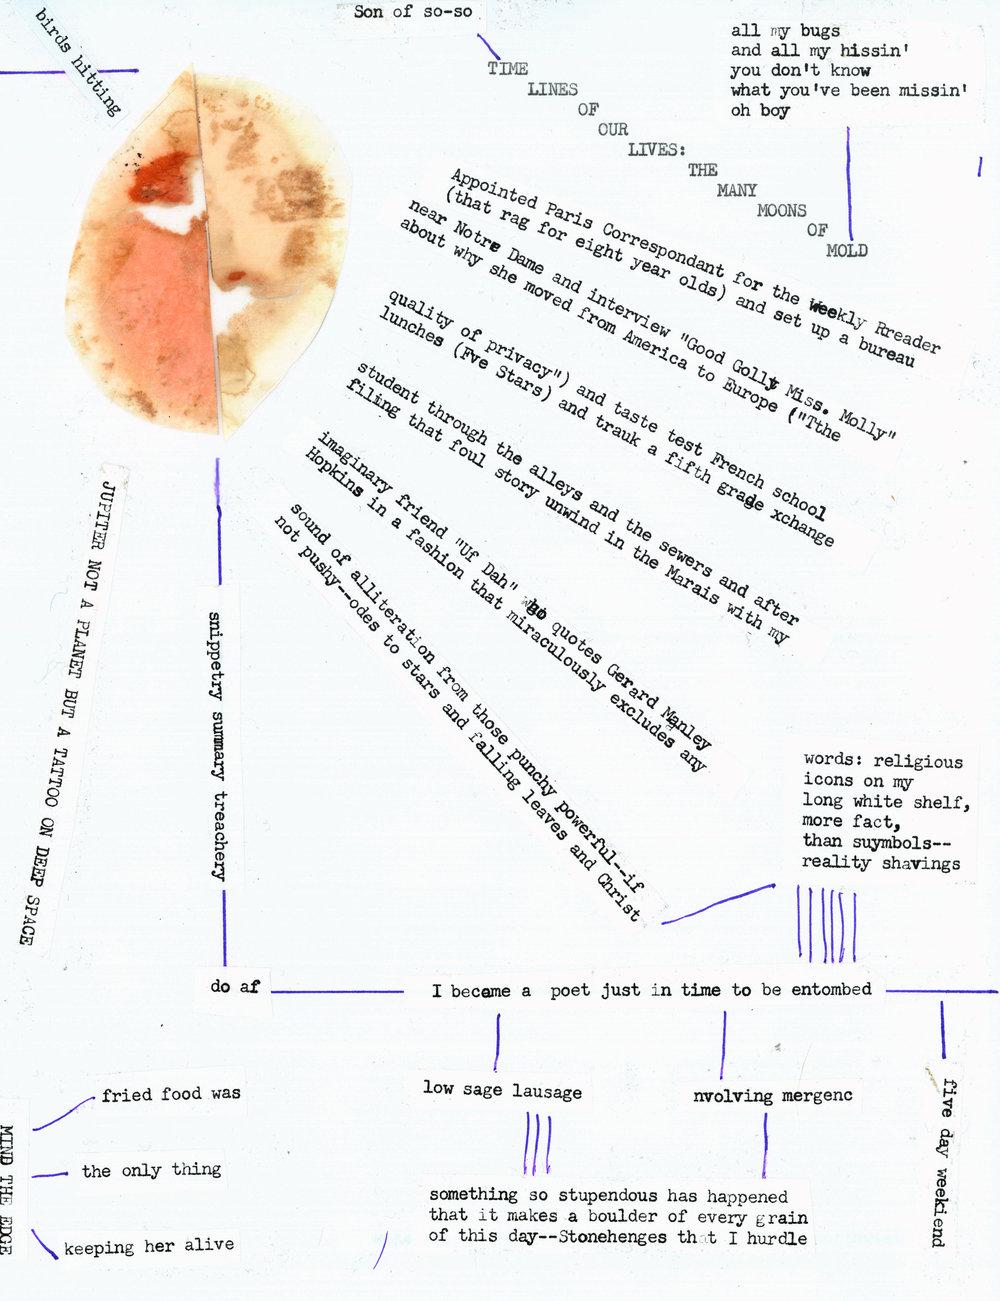 AMDTTch5_page1-c.jpg